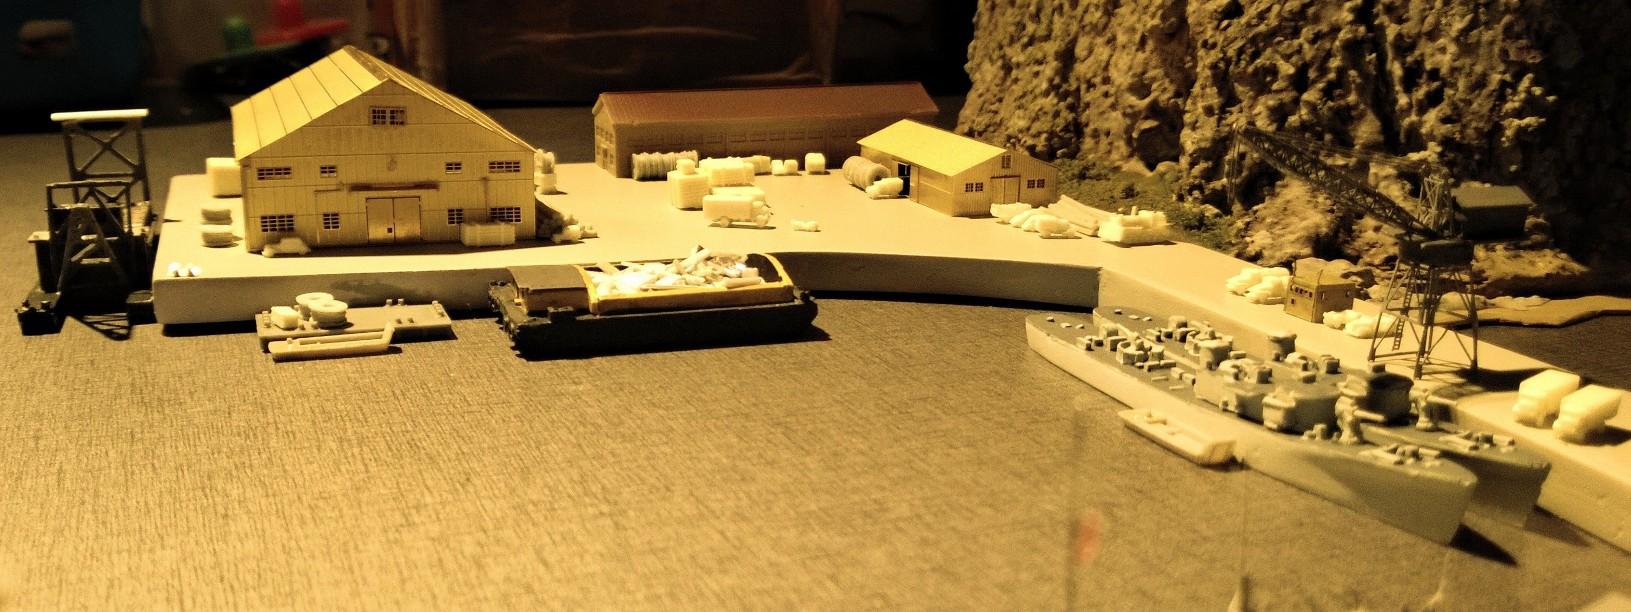 Diorama base navale 1/700 par Nesquik - Page 3 CgroDWuX